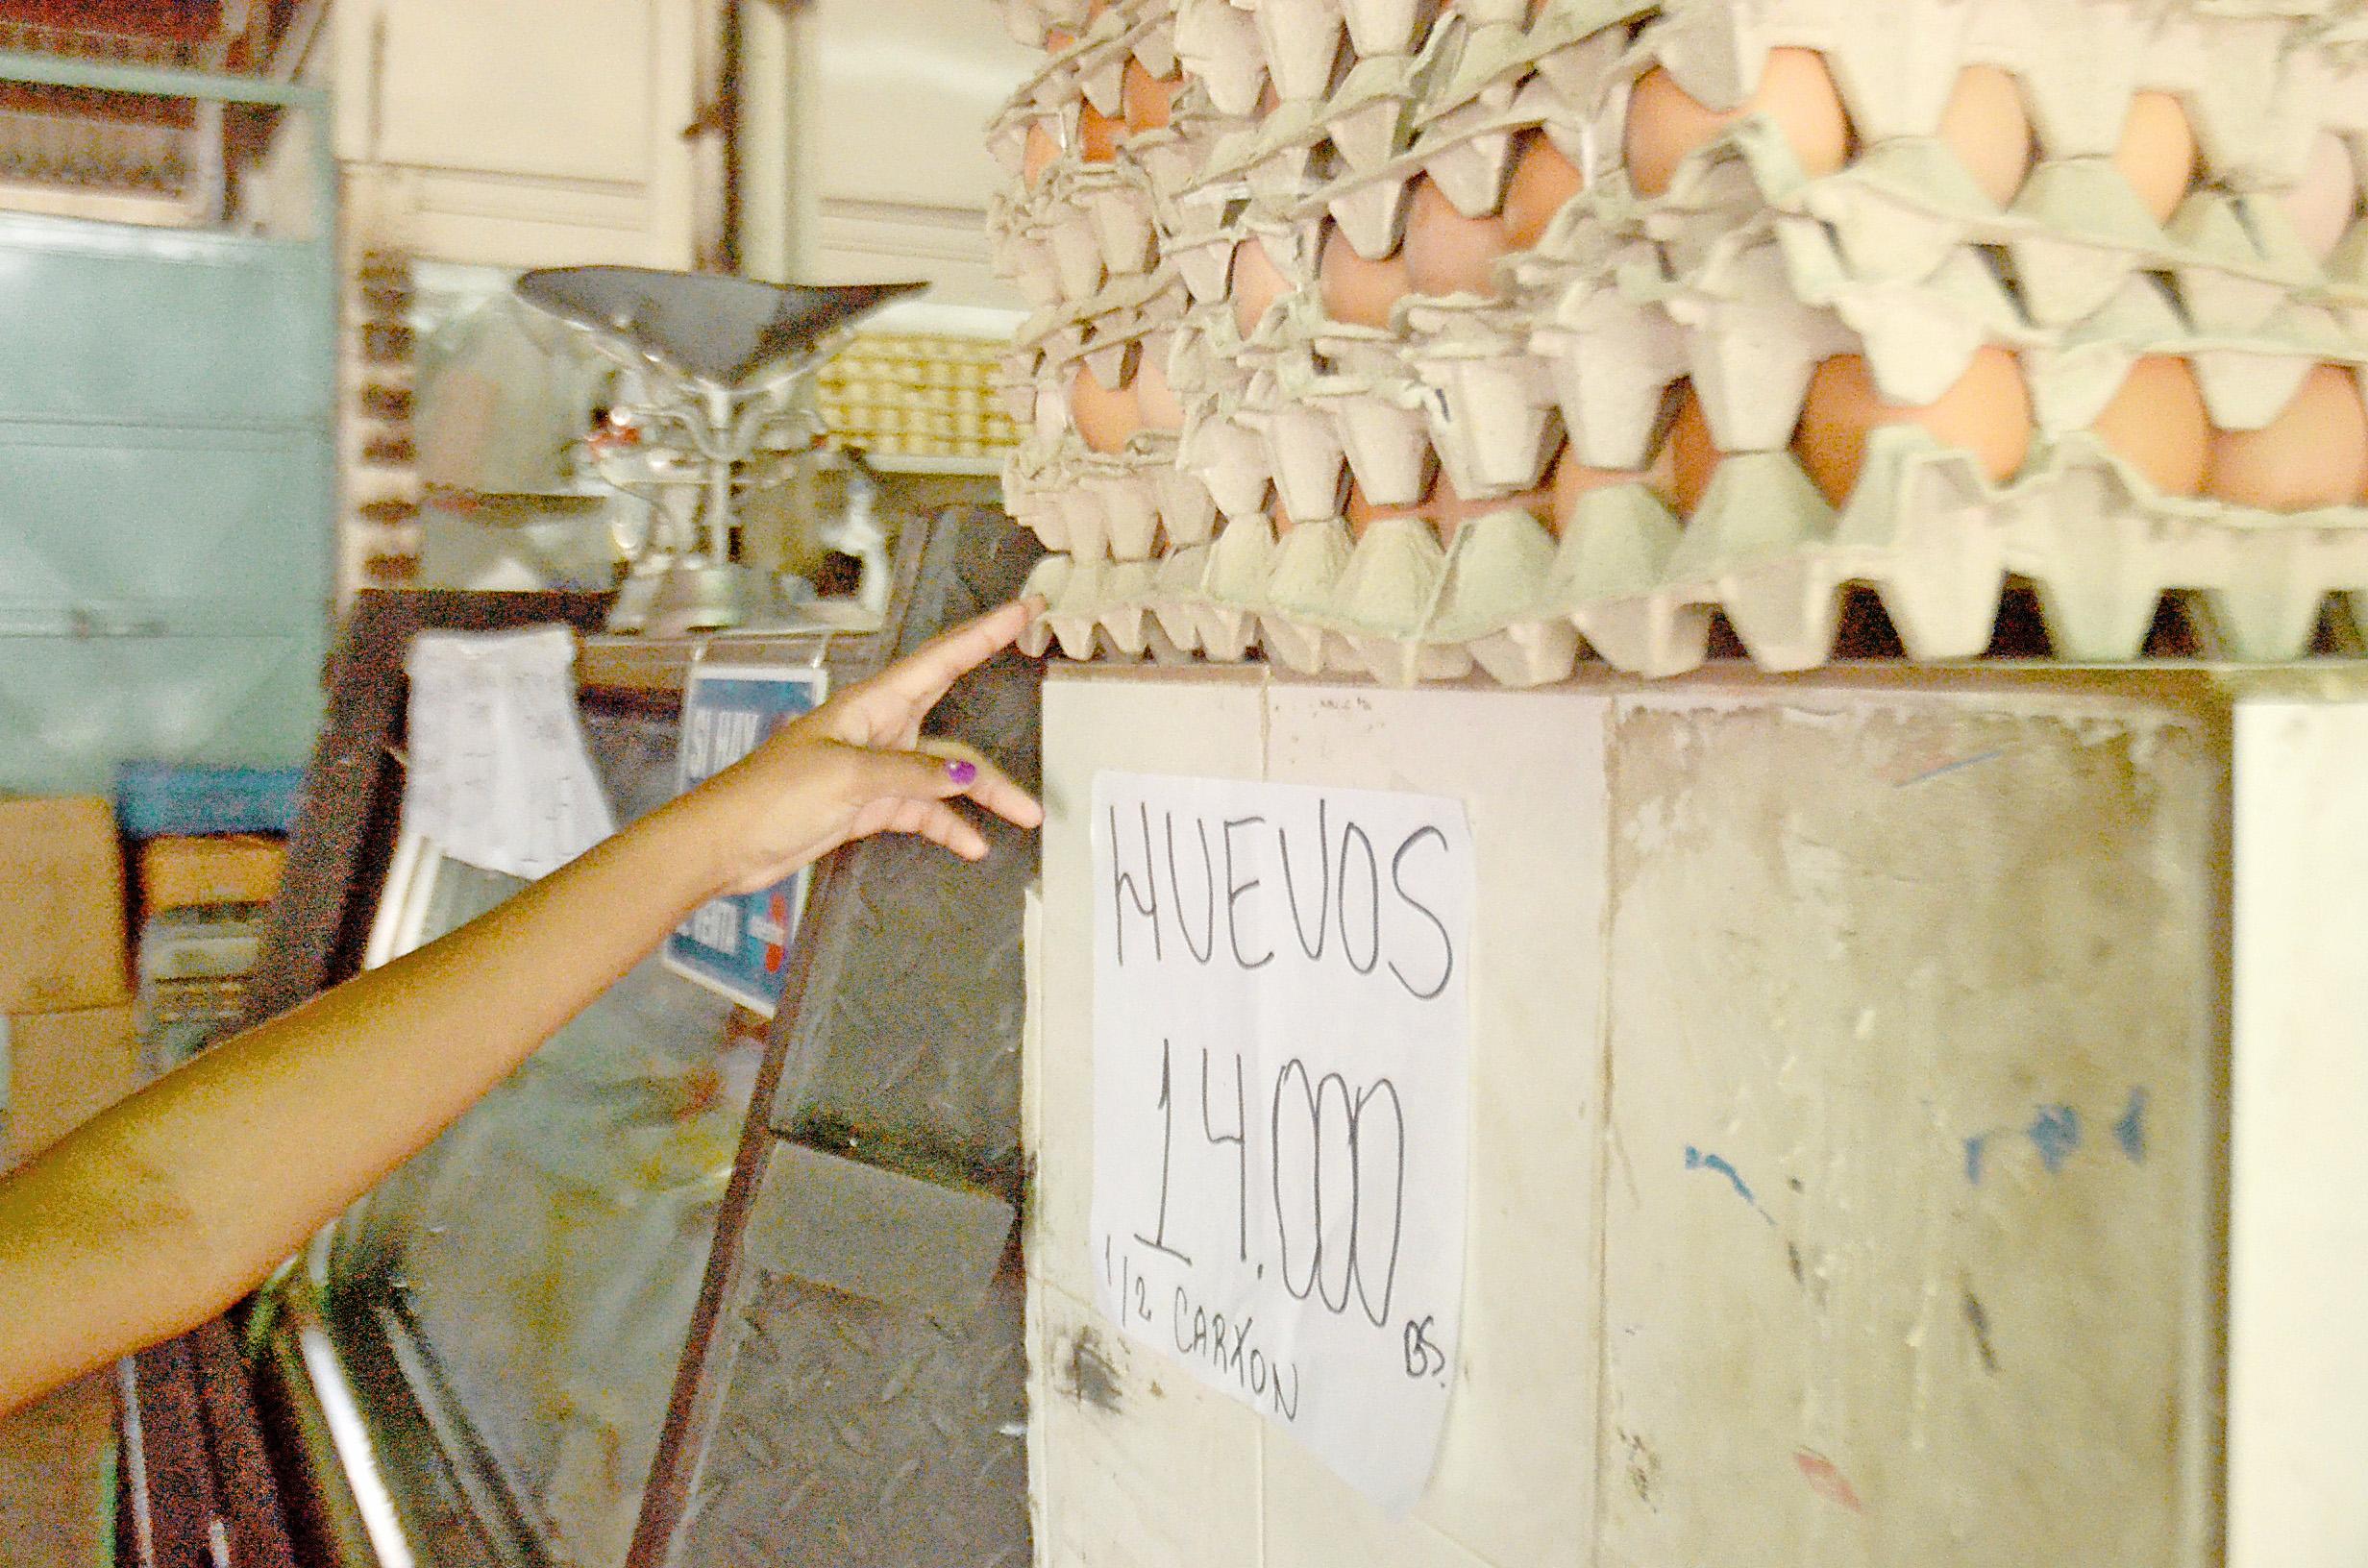 En seis meses los huevos  aumentaron 200%